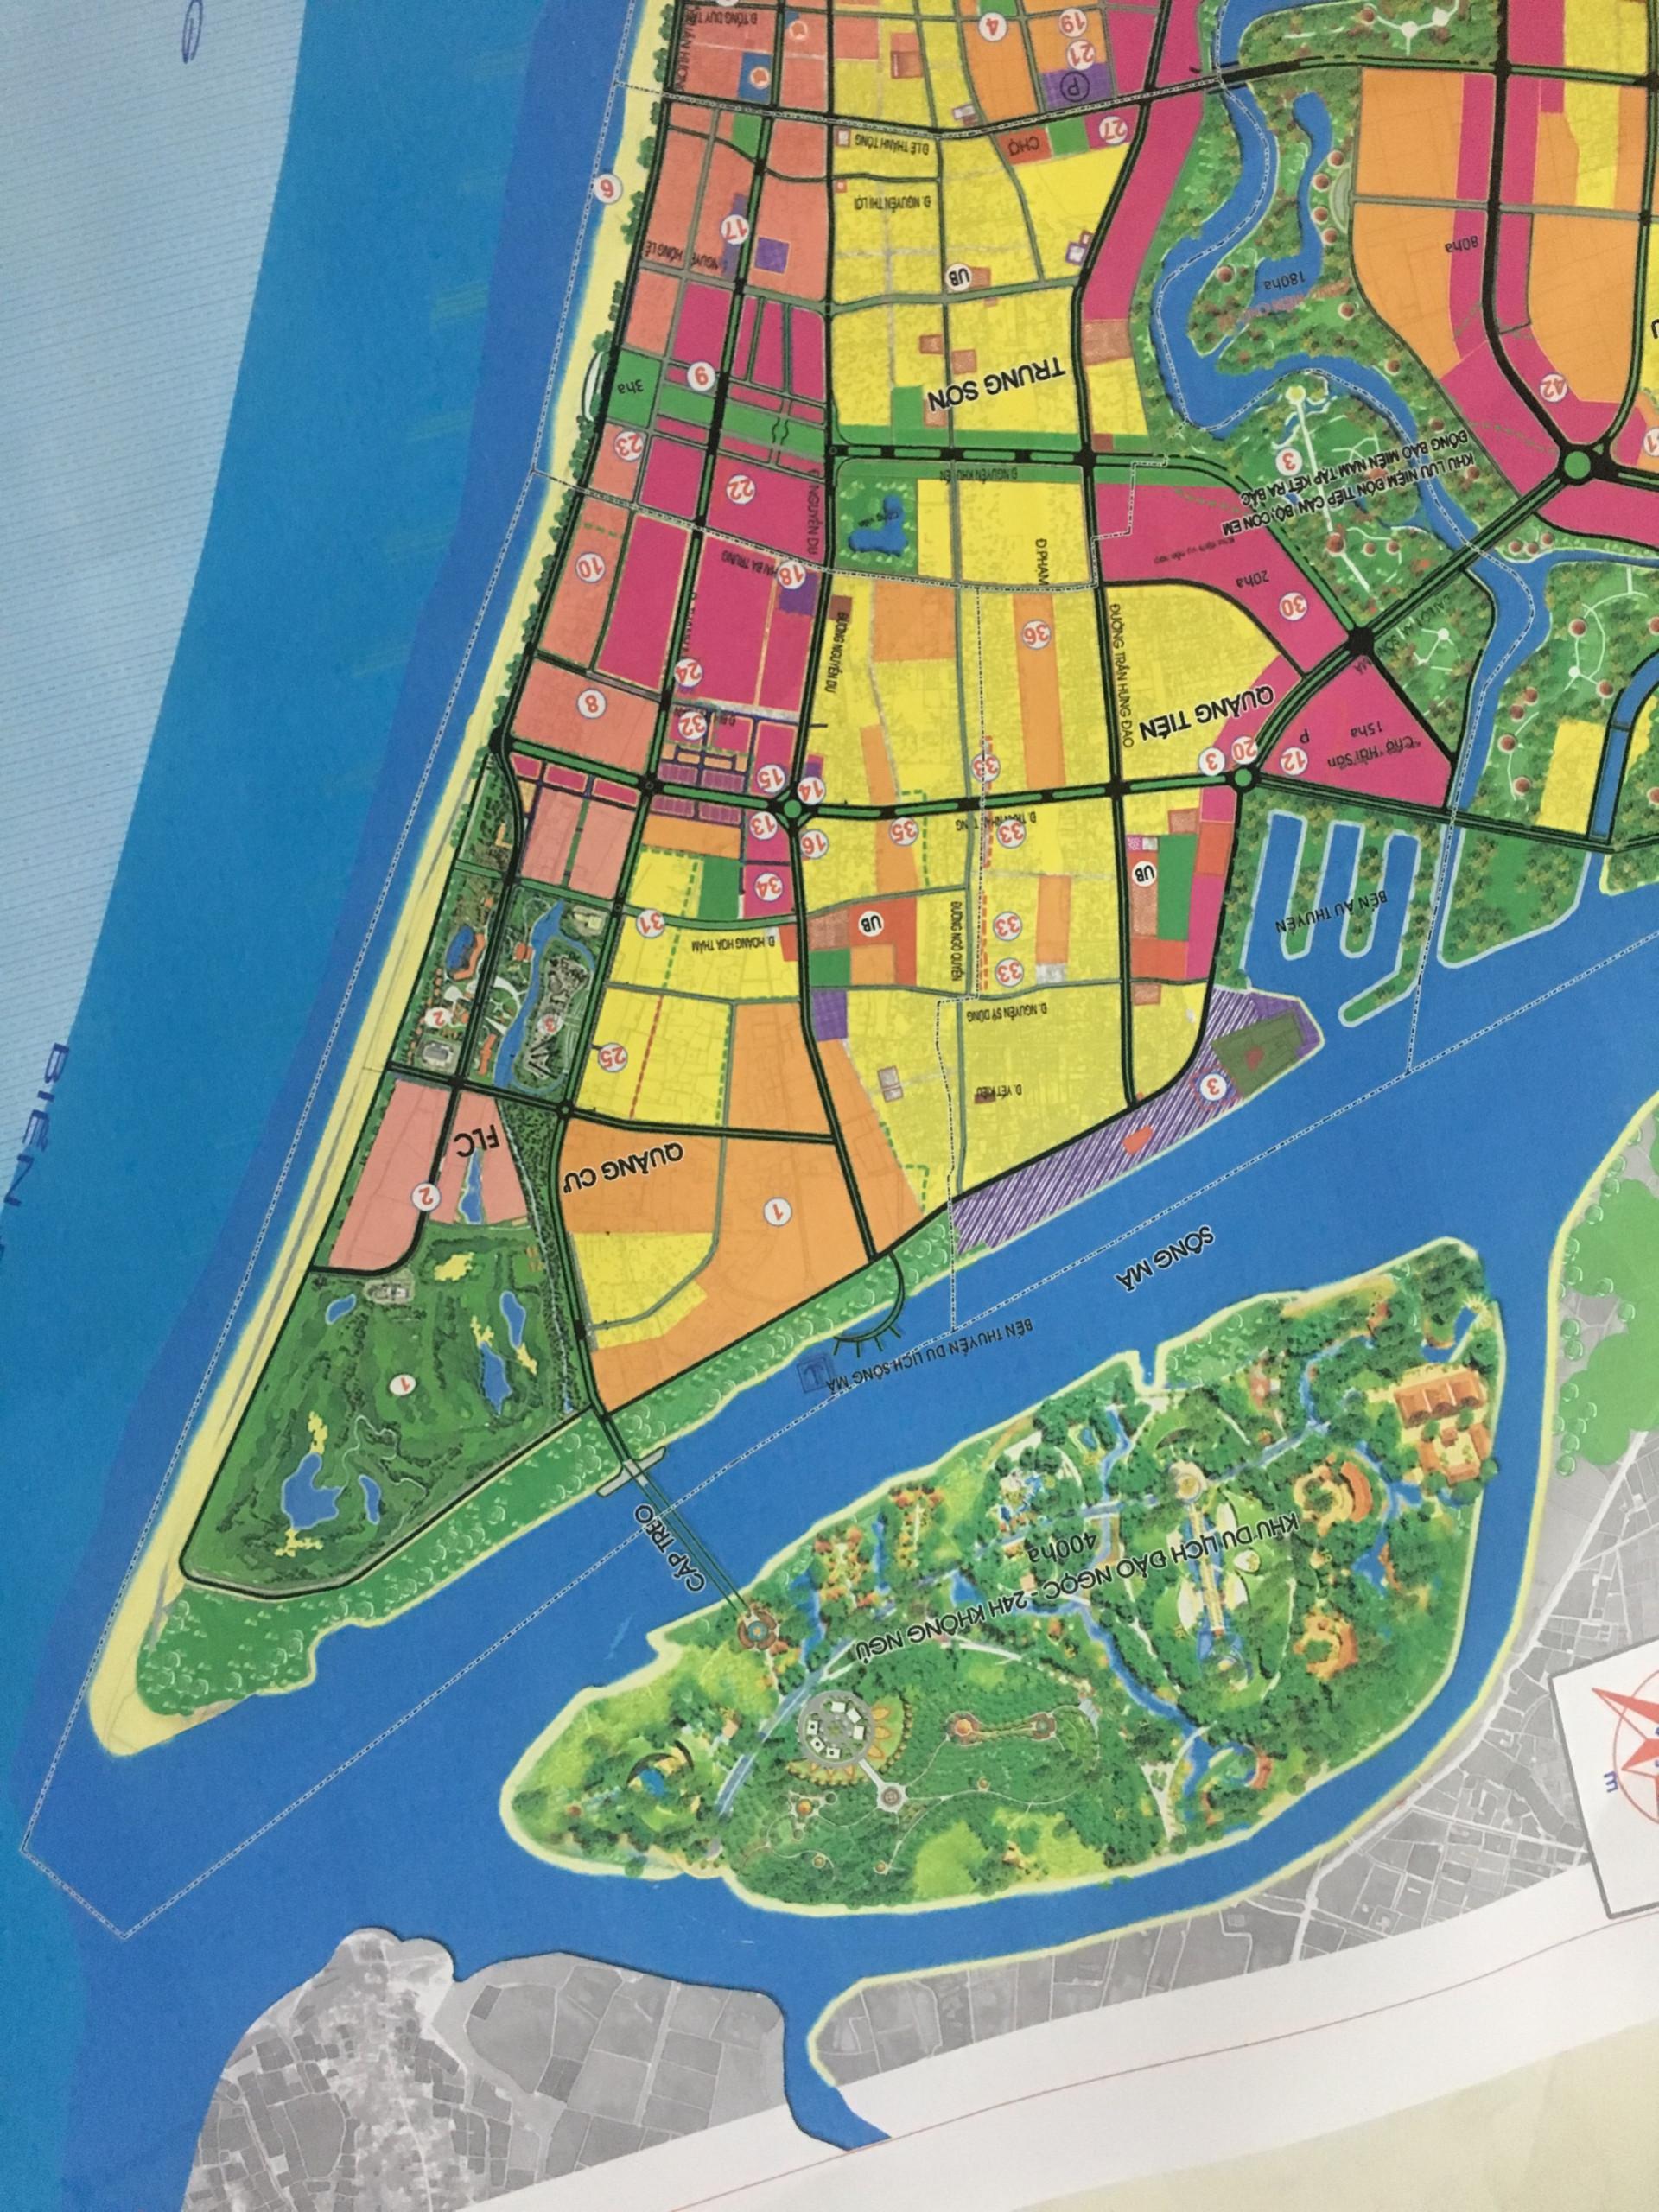 Bán đất đường Thanh Niên, Sầm Sơn Thanh Hoá rộng 49m giáp biển